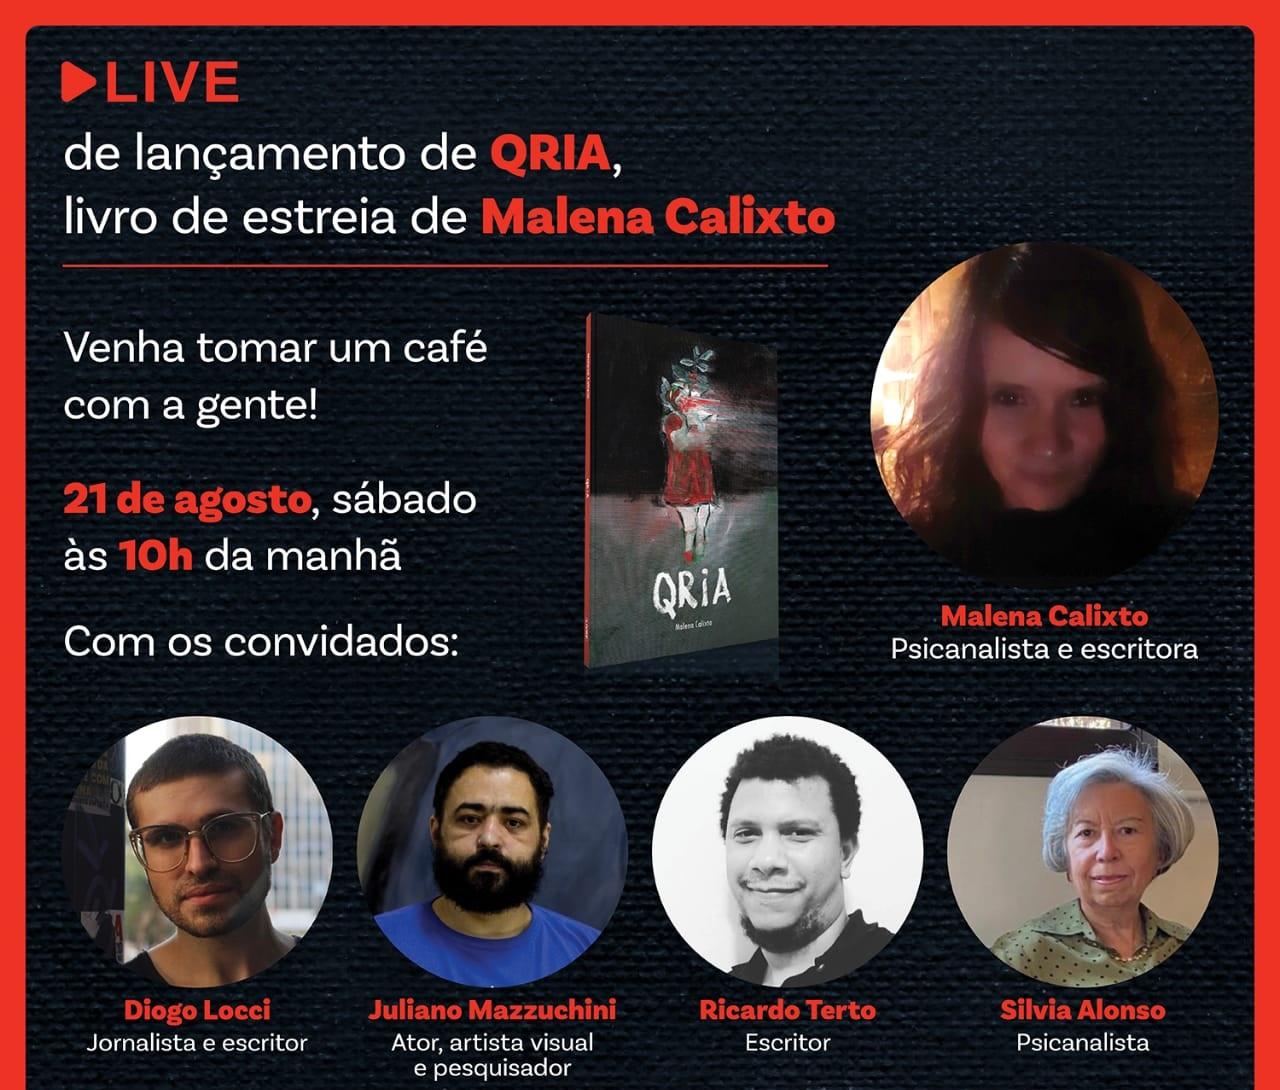 Live de lançamento de 'Qria', livro de estreia de Malena Calixto